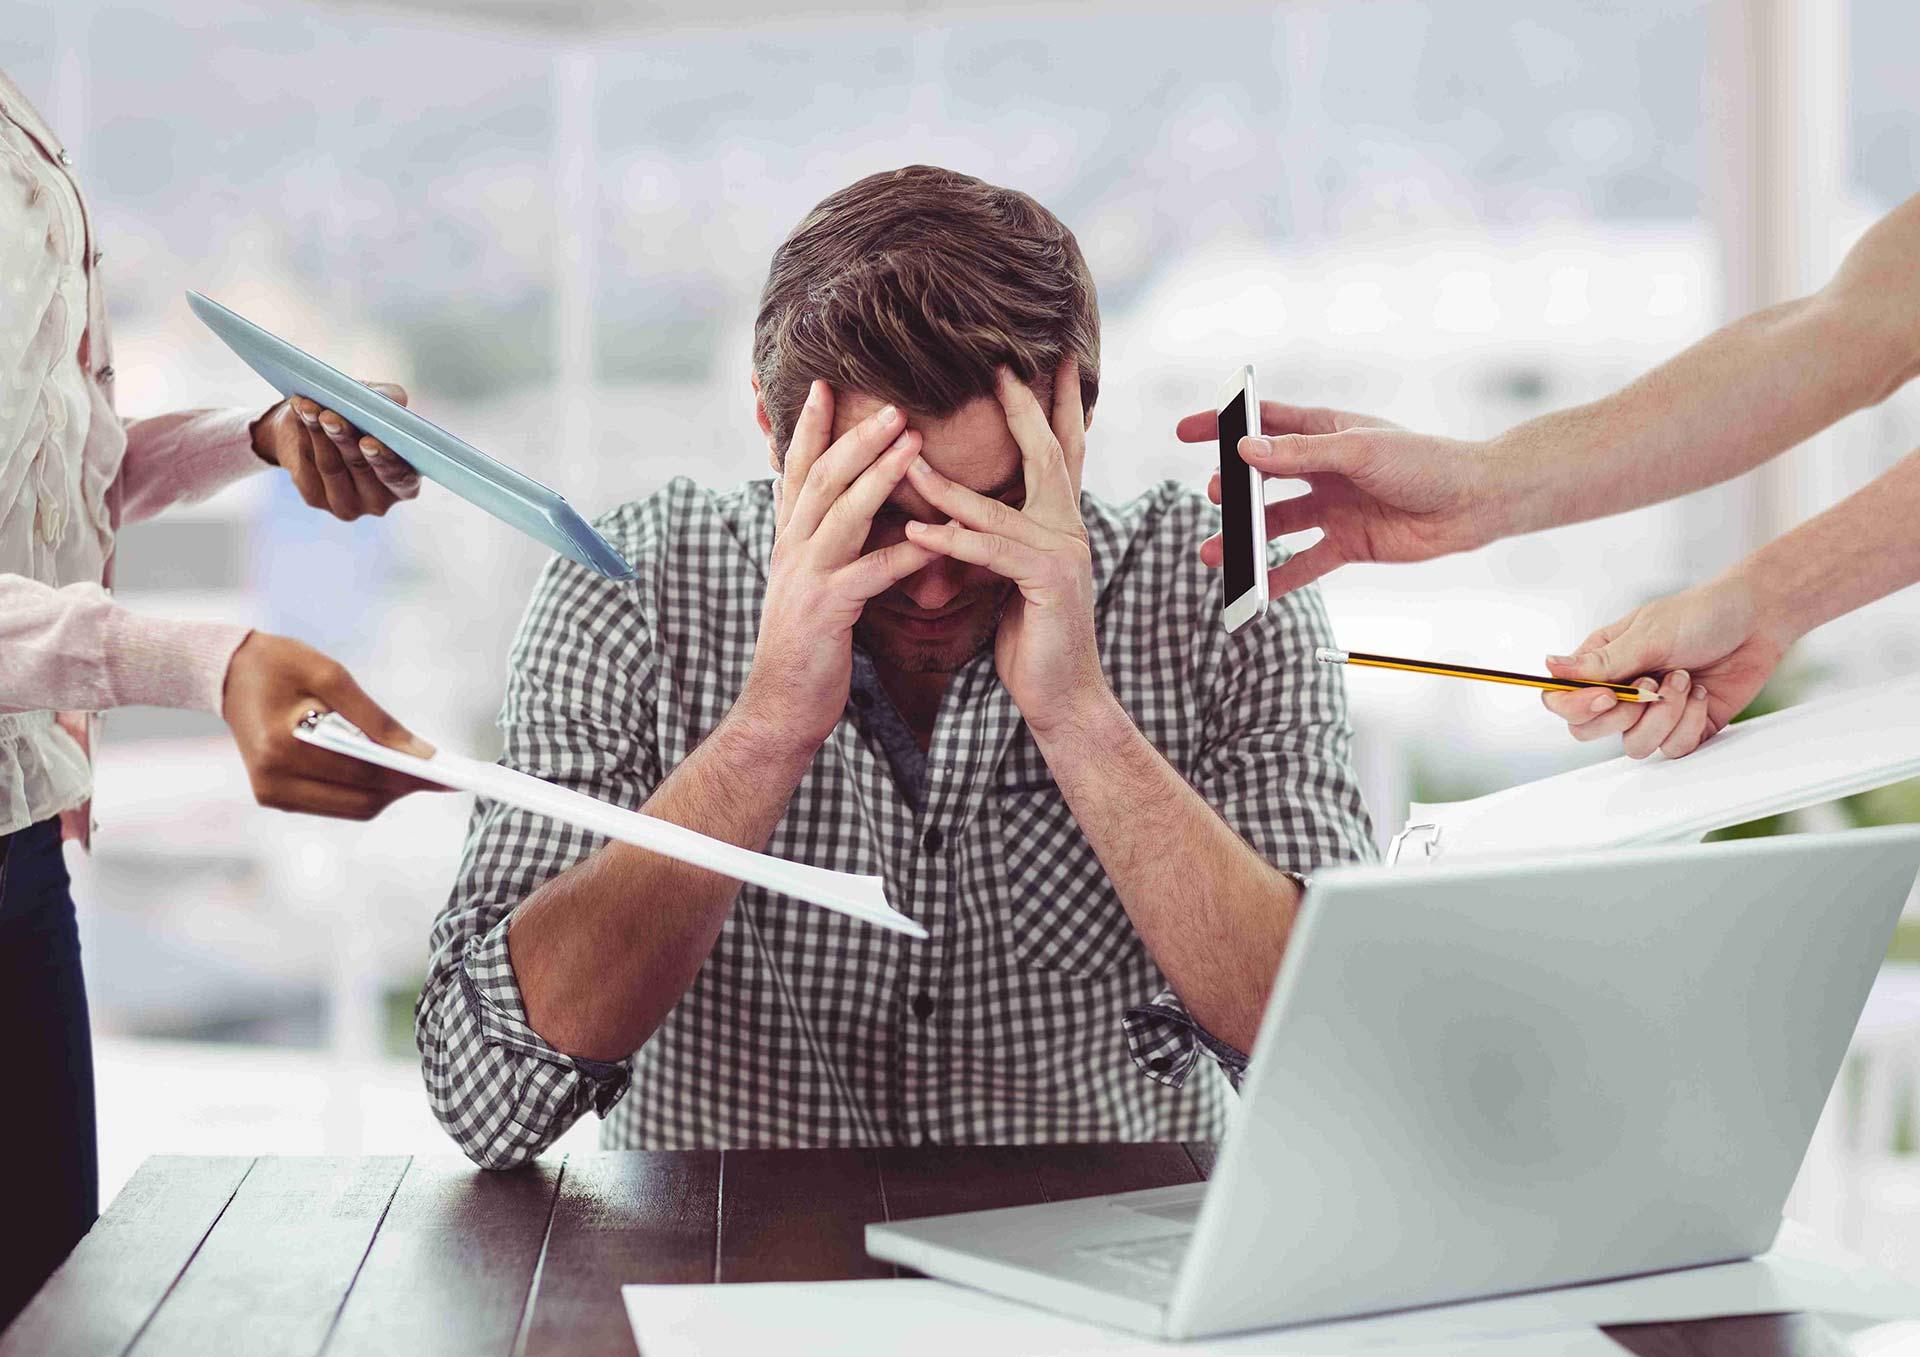 نتيجة بحث الصور عن الإجهاد في العمل